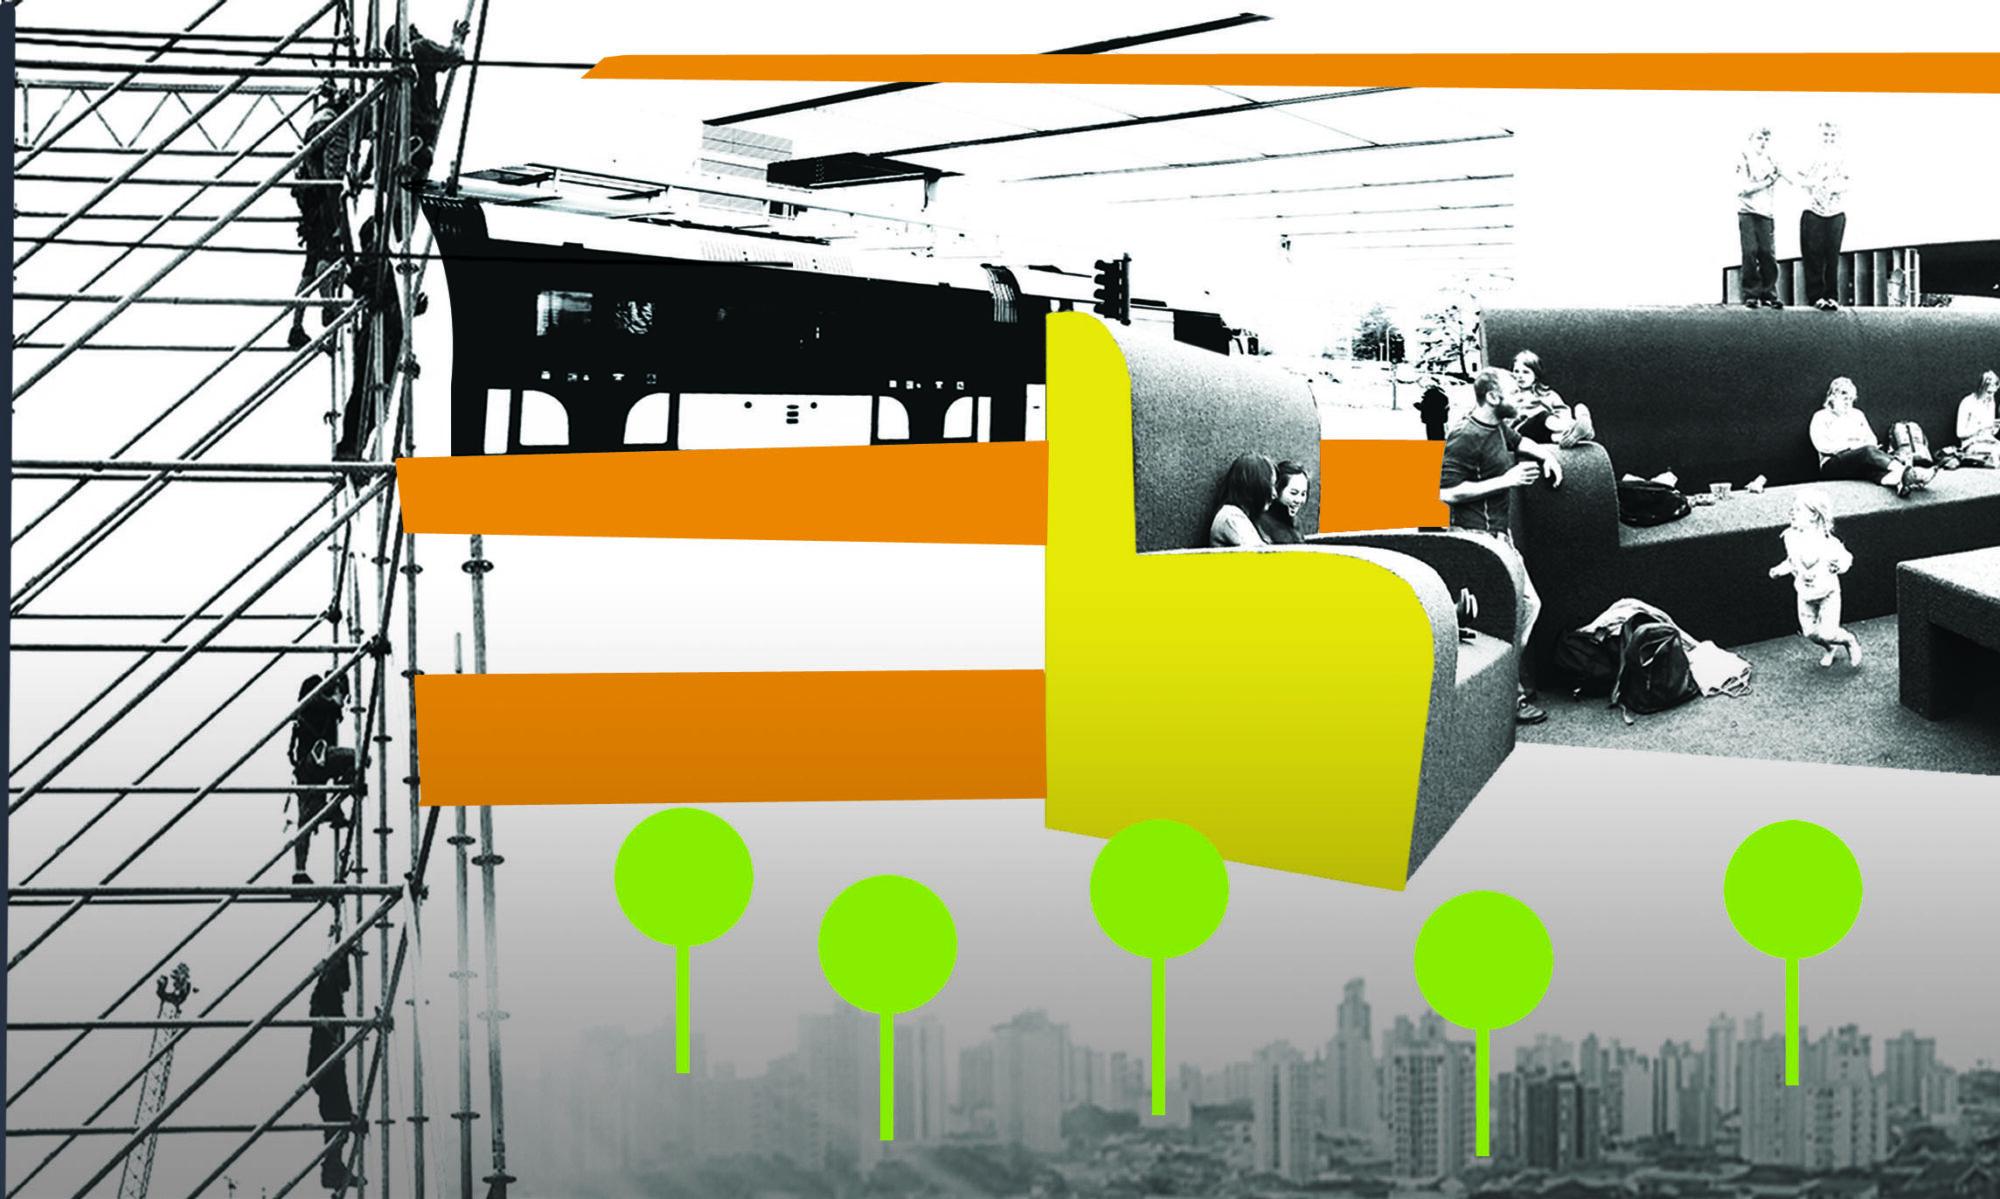 idee e progetti per città creative